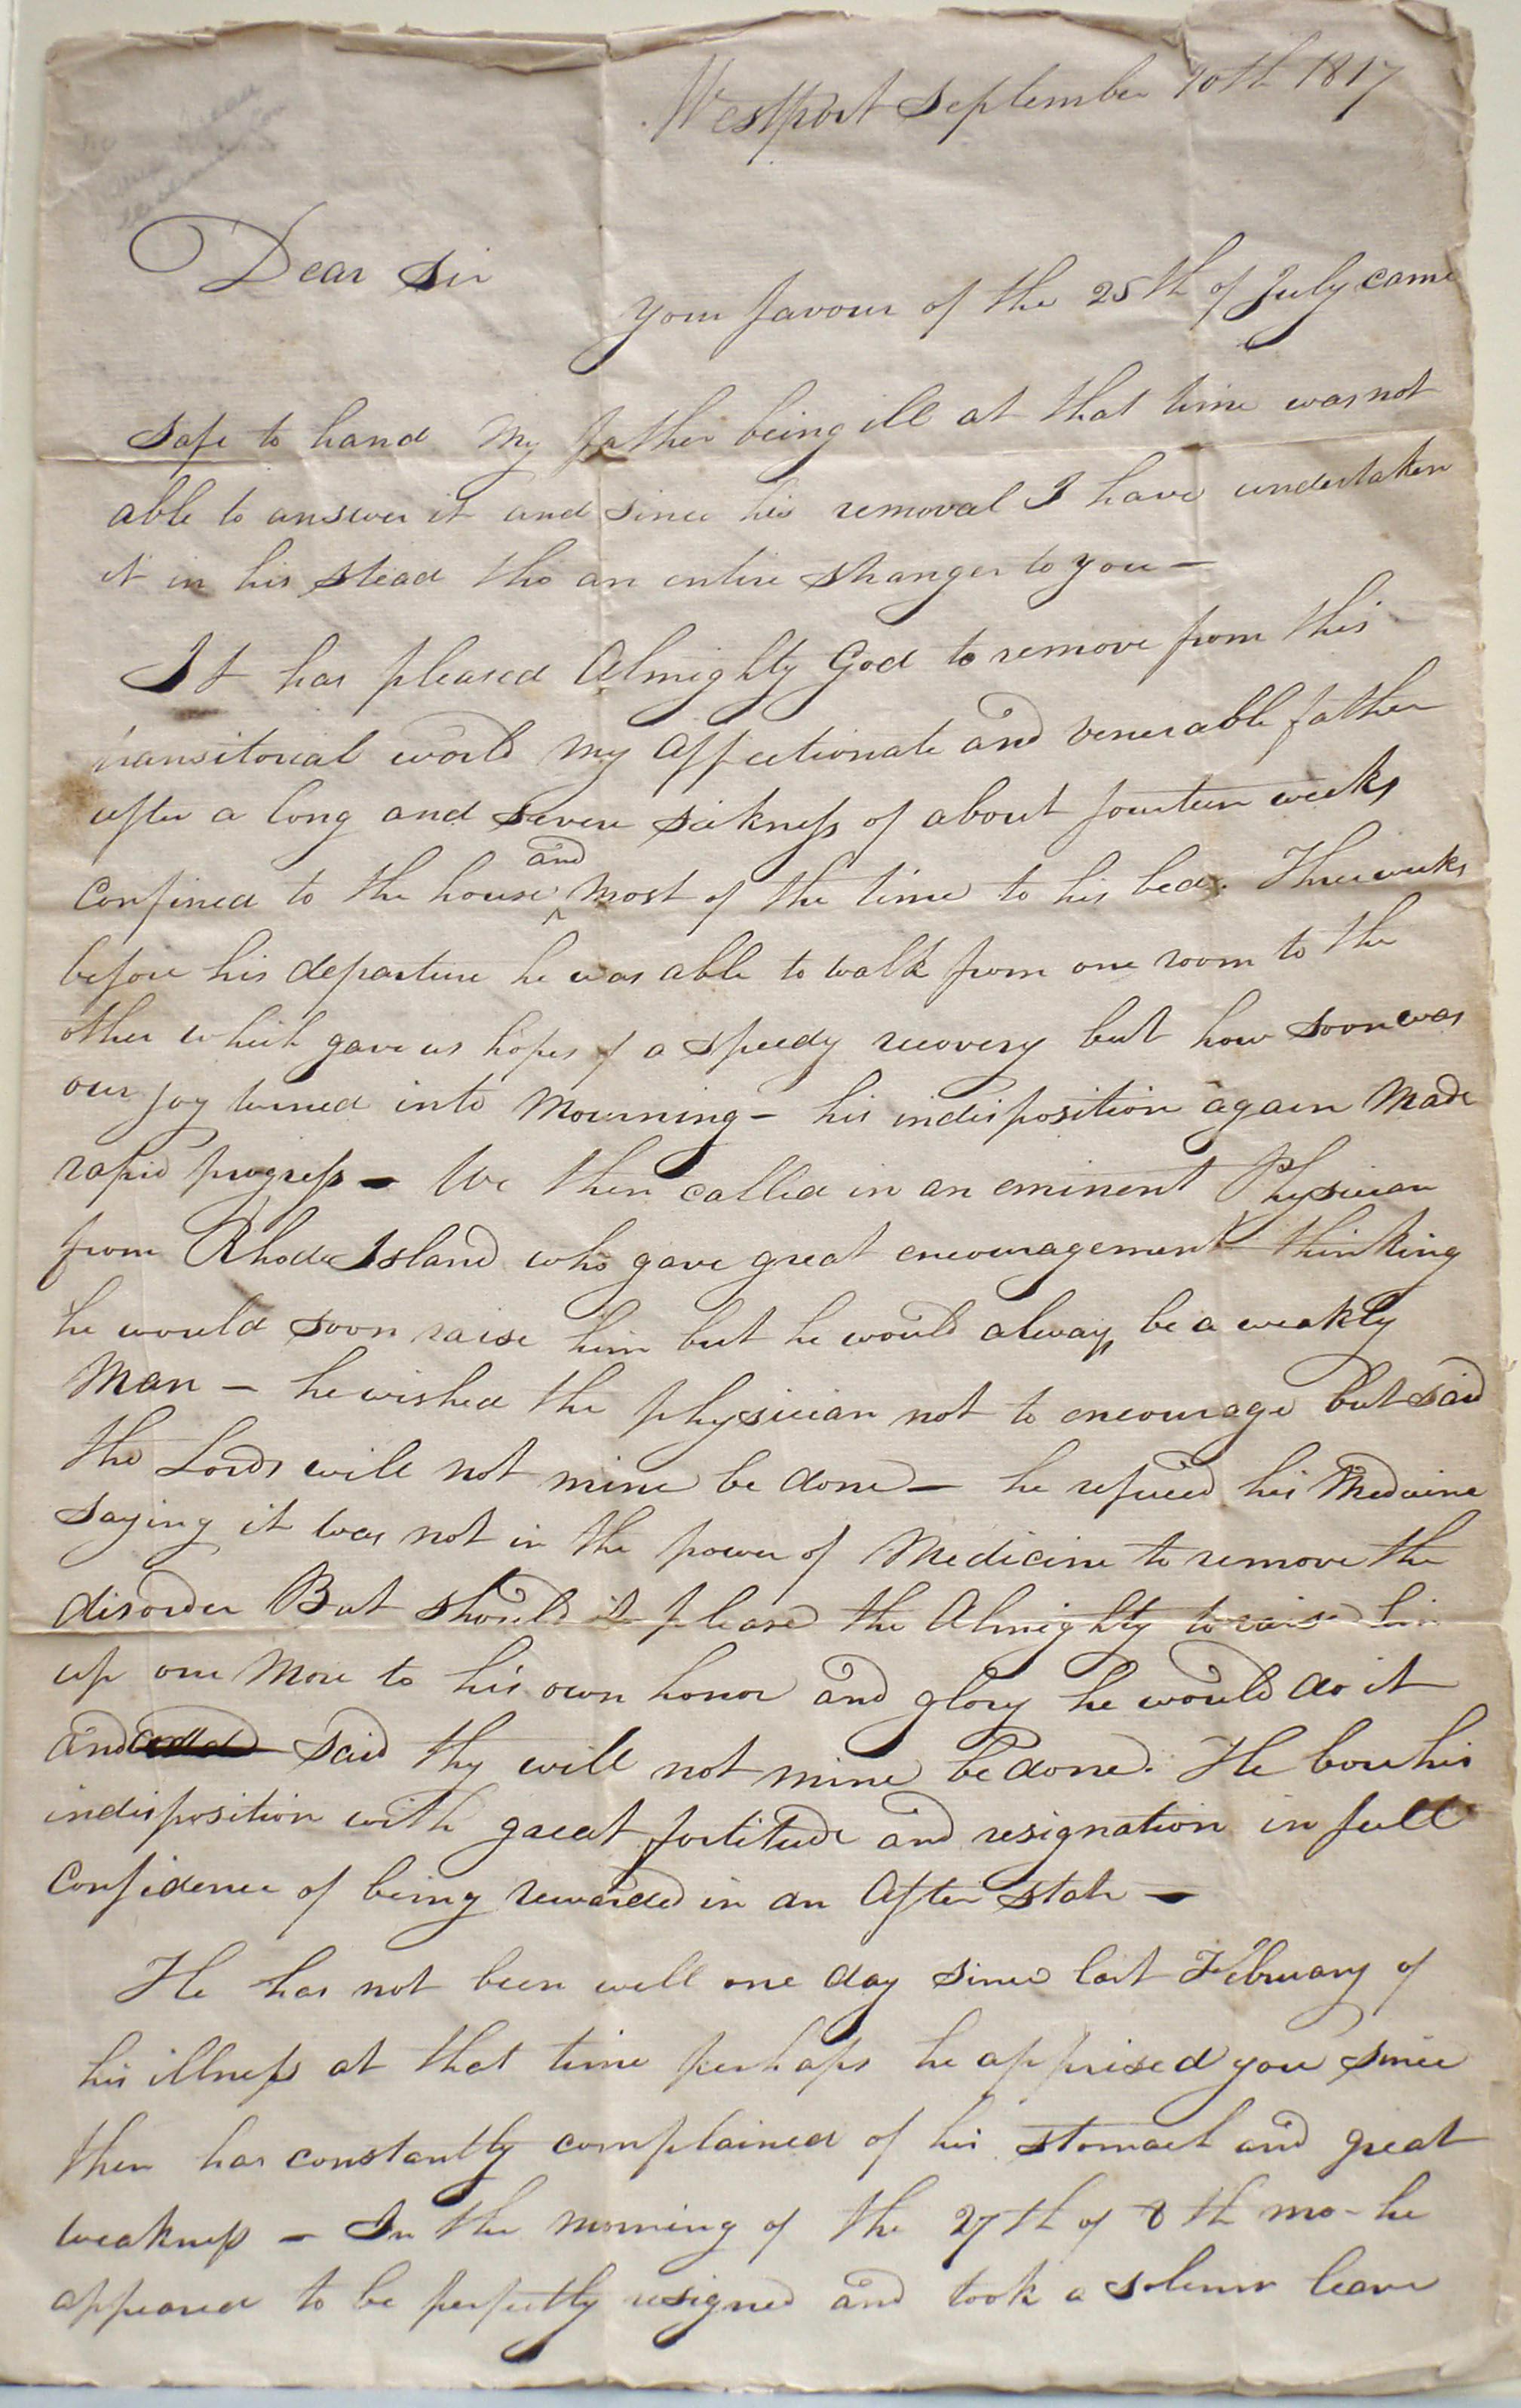 Rhoda Cuffe, Account of Paul Cuffe's death, 10 Sept 1817 (Cu